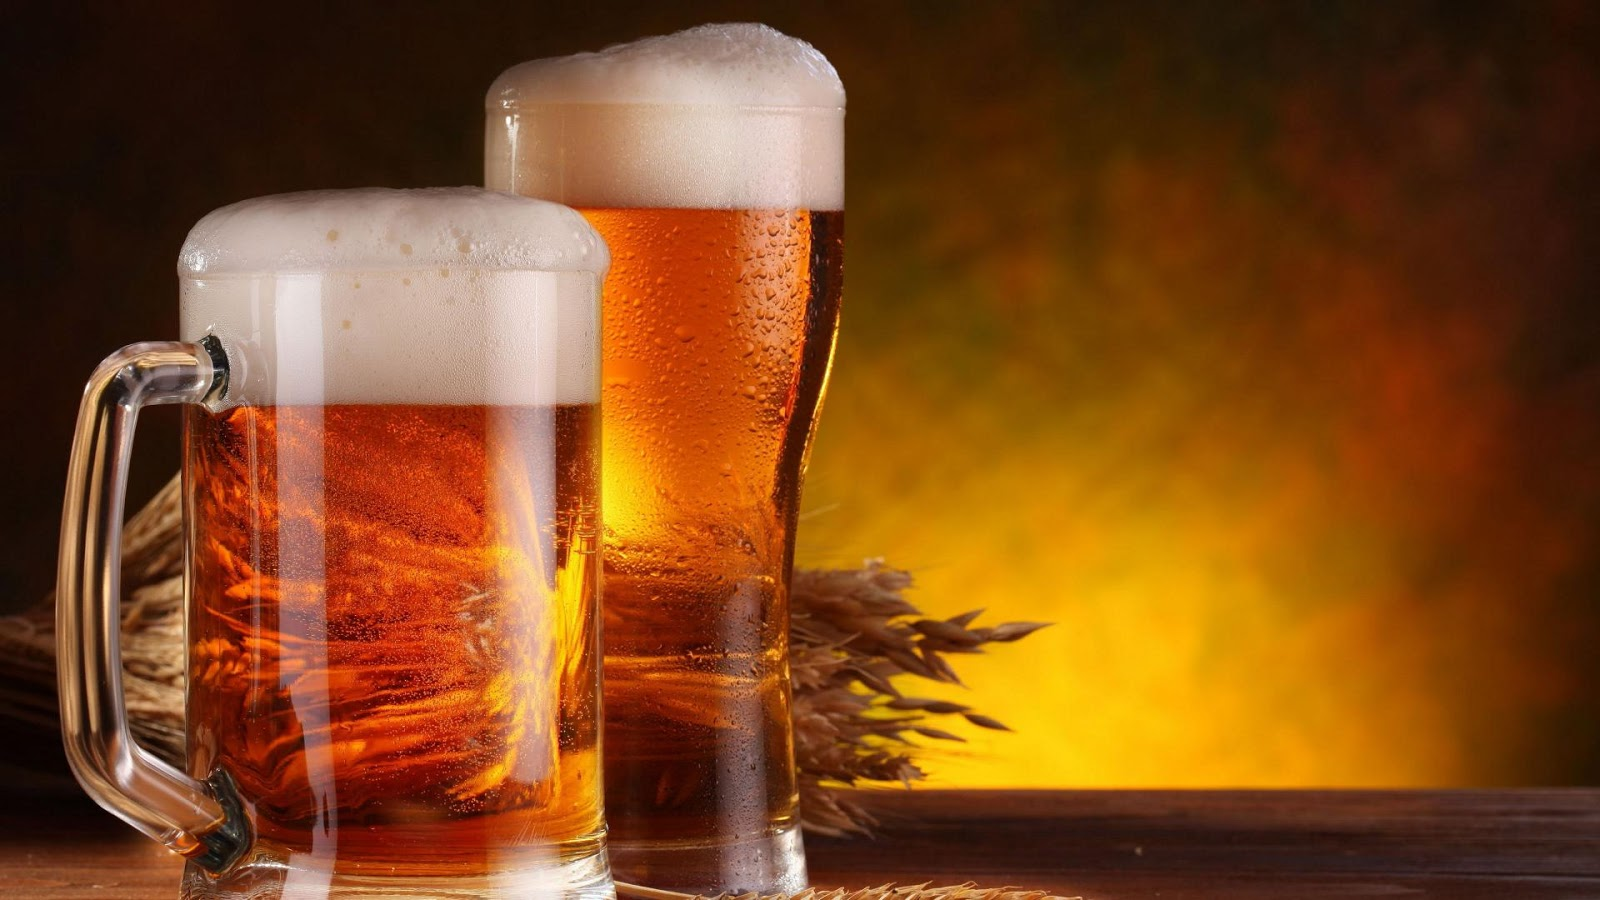 Γιορτή μπύρας από το Σύλλογο Γερμανόγλωσσων